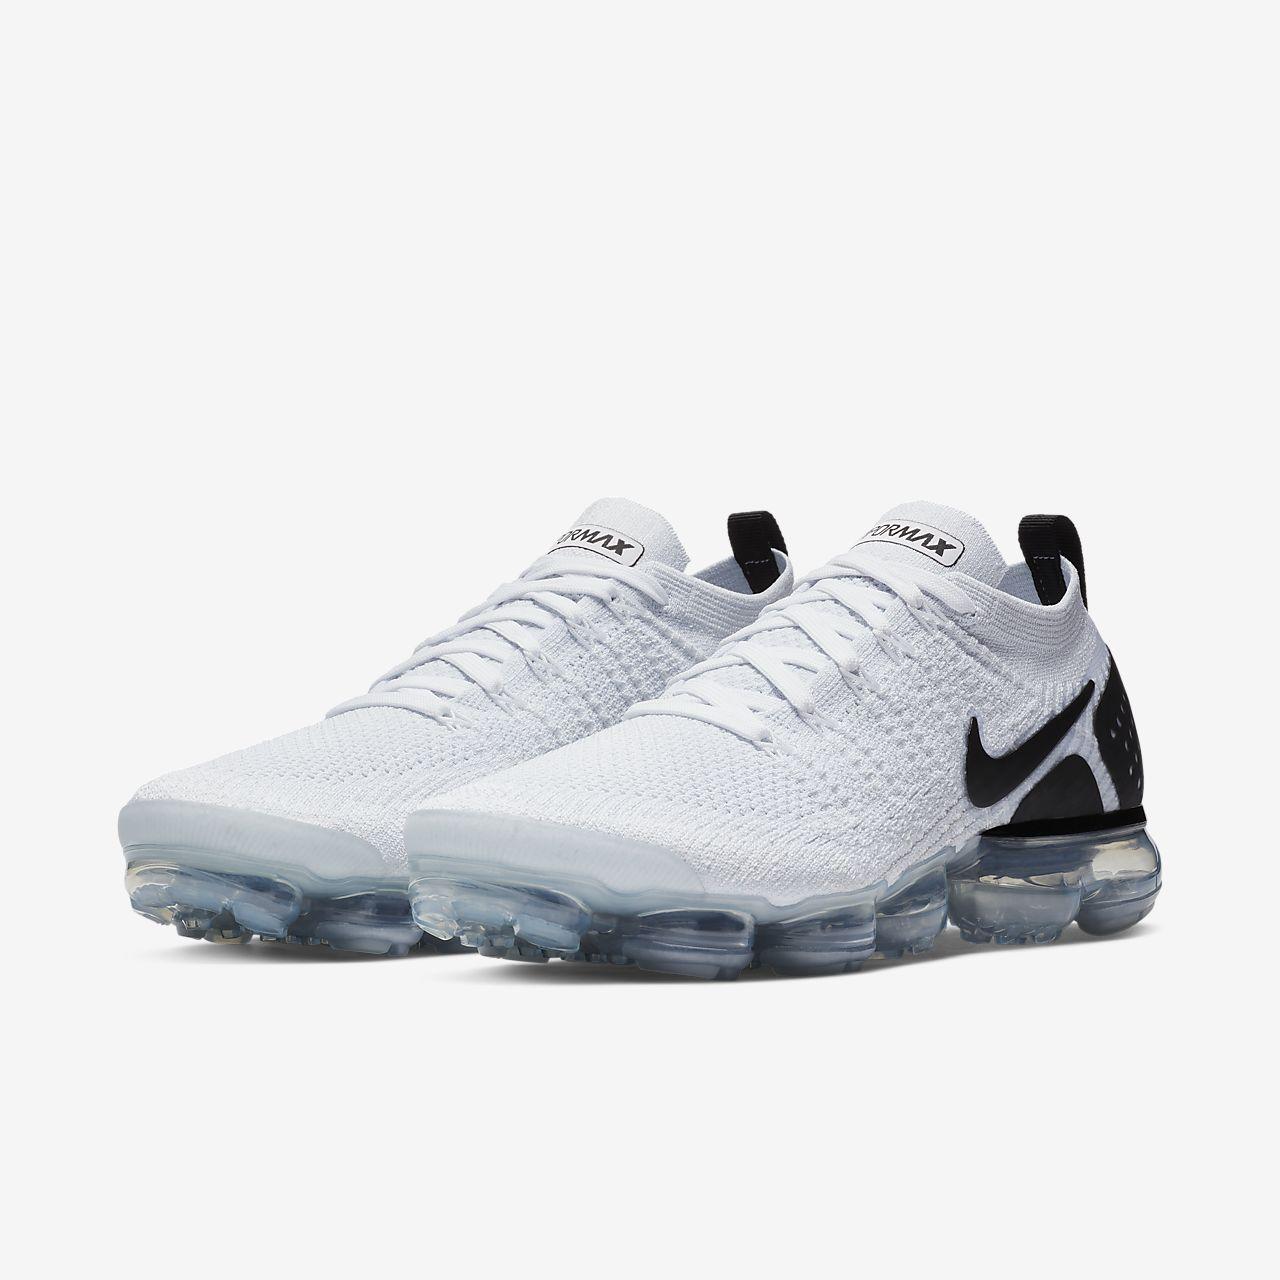 recherche à vendre Nike Air Vapormax Flyknit 2 Gars Blancs très en ligne moins cher WruS1cGo